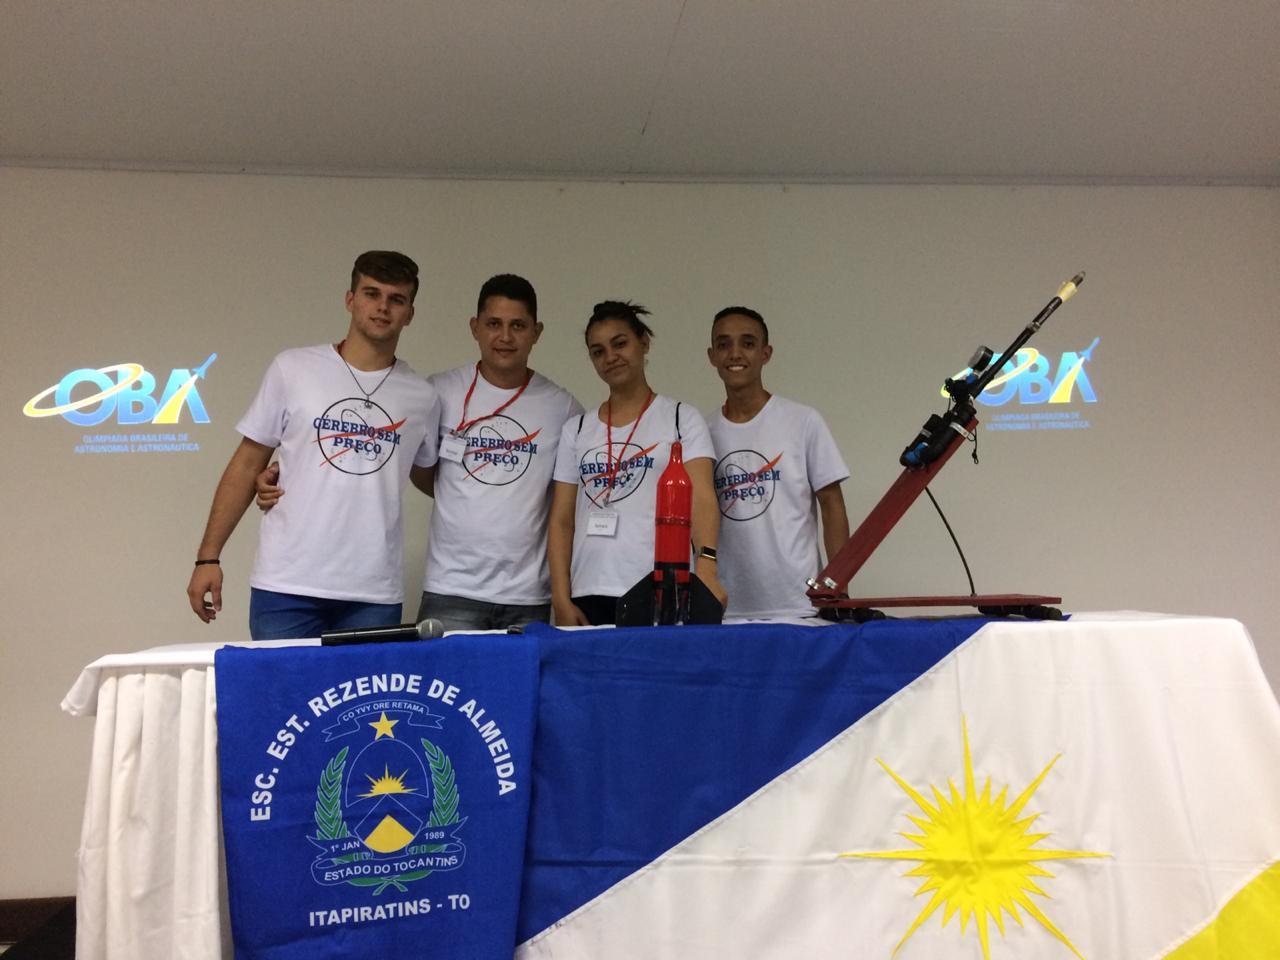 Estudantes tocantinenses conquistam medalha de ouro na Mostra Brasileirade Foguetes